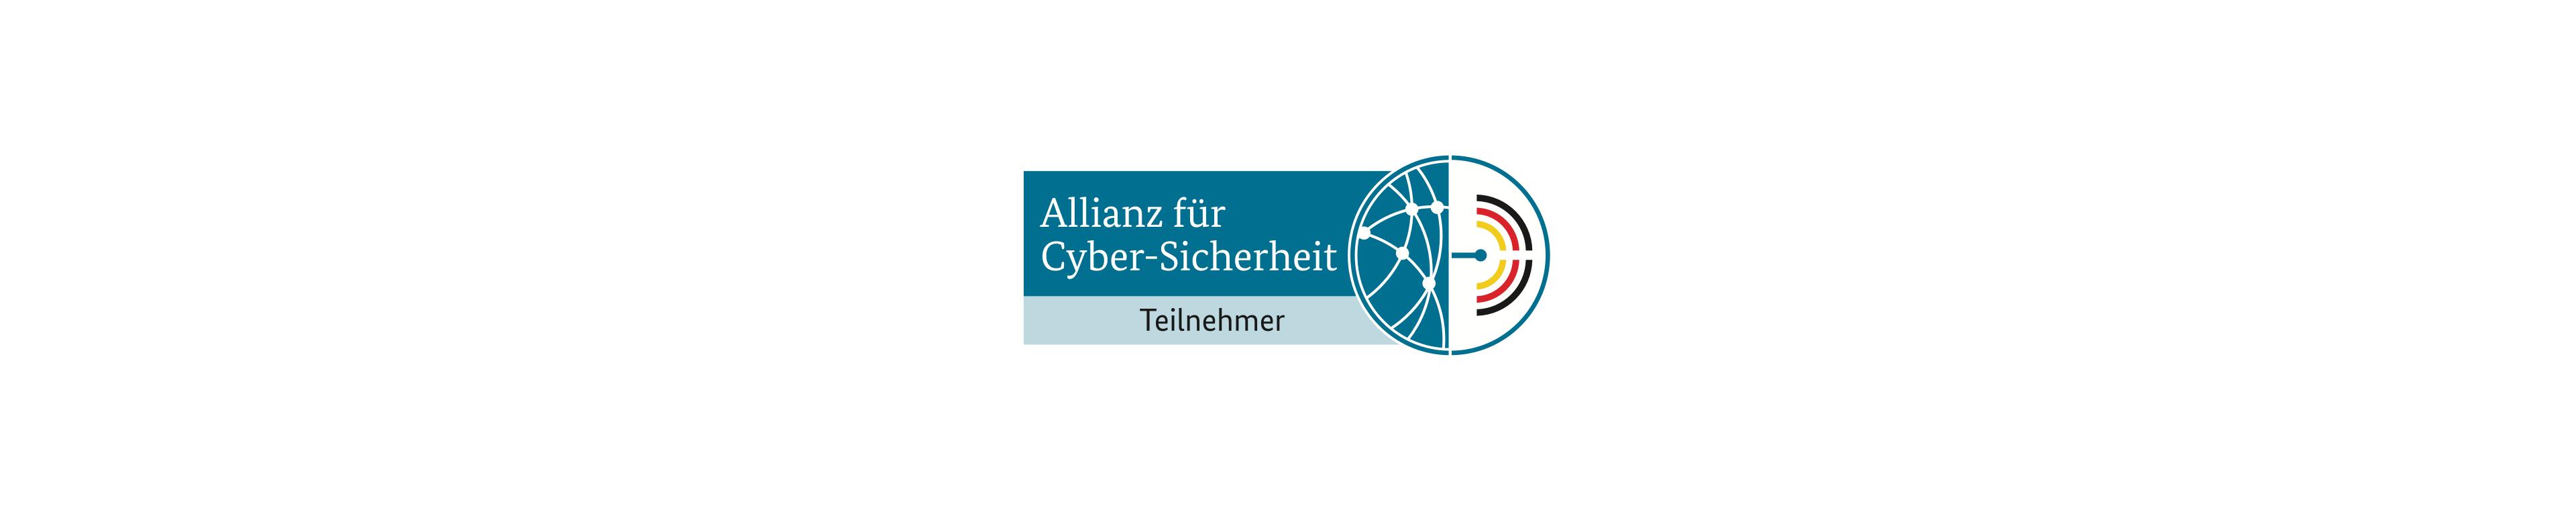 Tresorit Joins the Allianz für Cyber-Sicherheit (ACS) in Germany